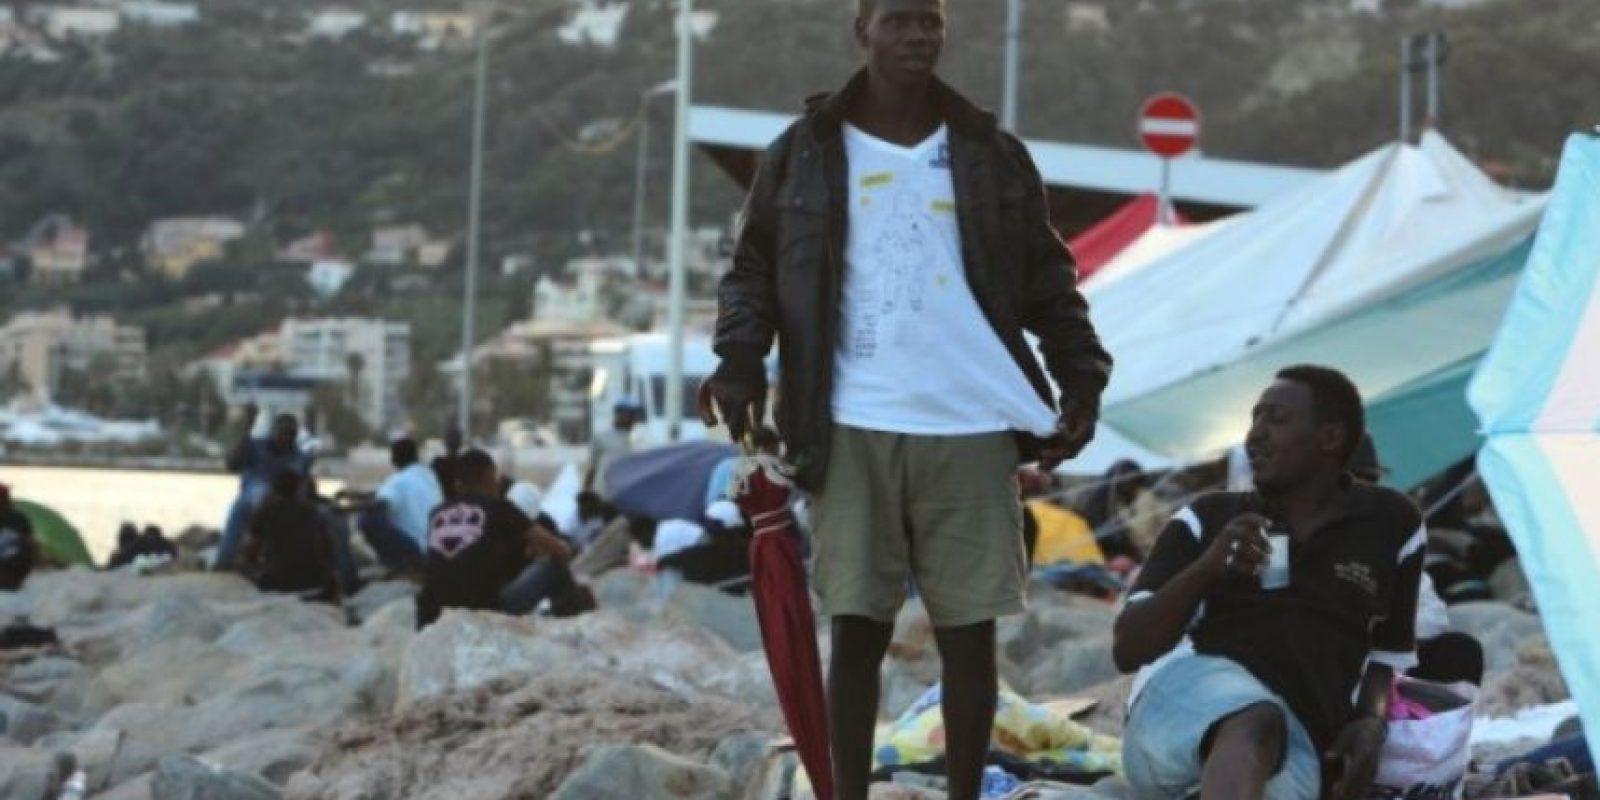 La mayoría procedentes de Libia hacia Europa Foto:Getty Images